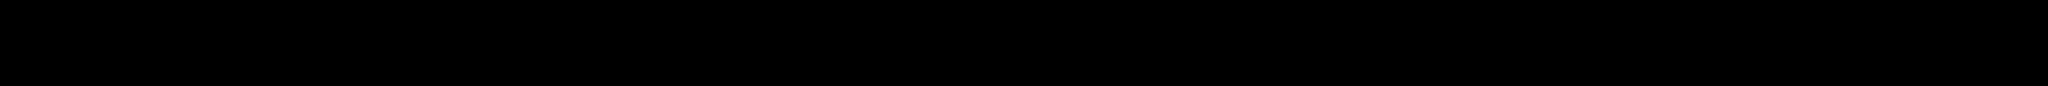 SKF 1T0 598 611, 1T0 598 611 B, 5QF 598 611, 8S0 498 625, 1T0 598 611 Radlagersatz